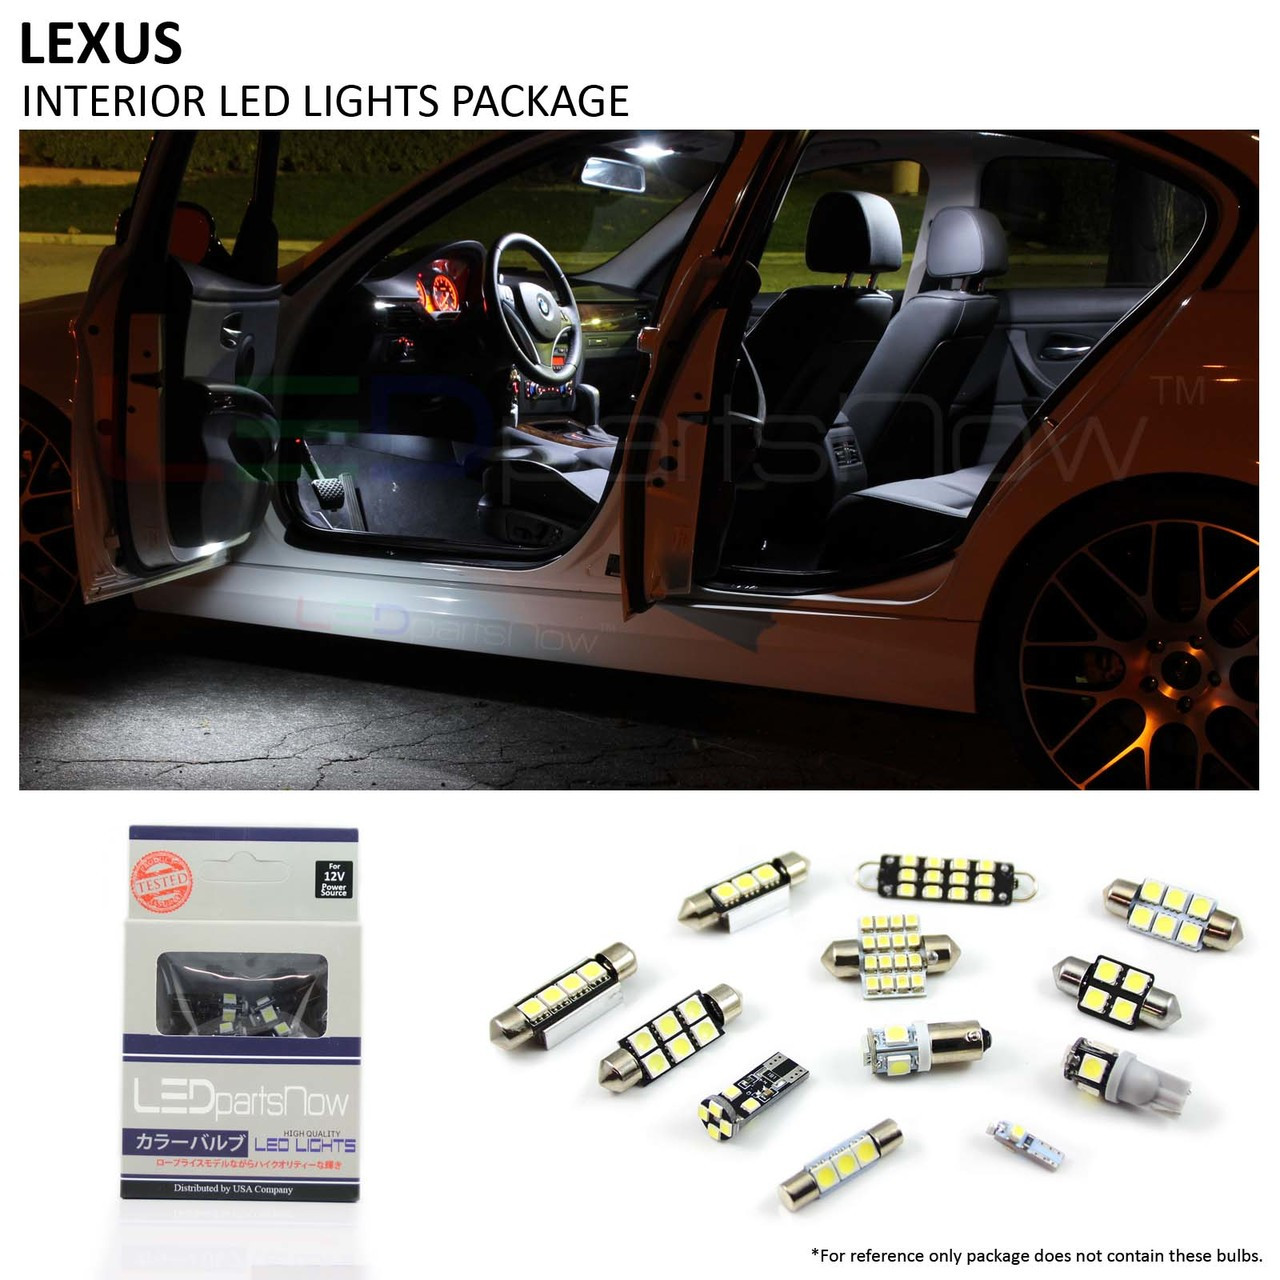 WRG-7679] Lexus Rx300 Fuse Box Location on